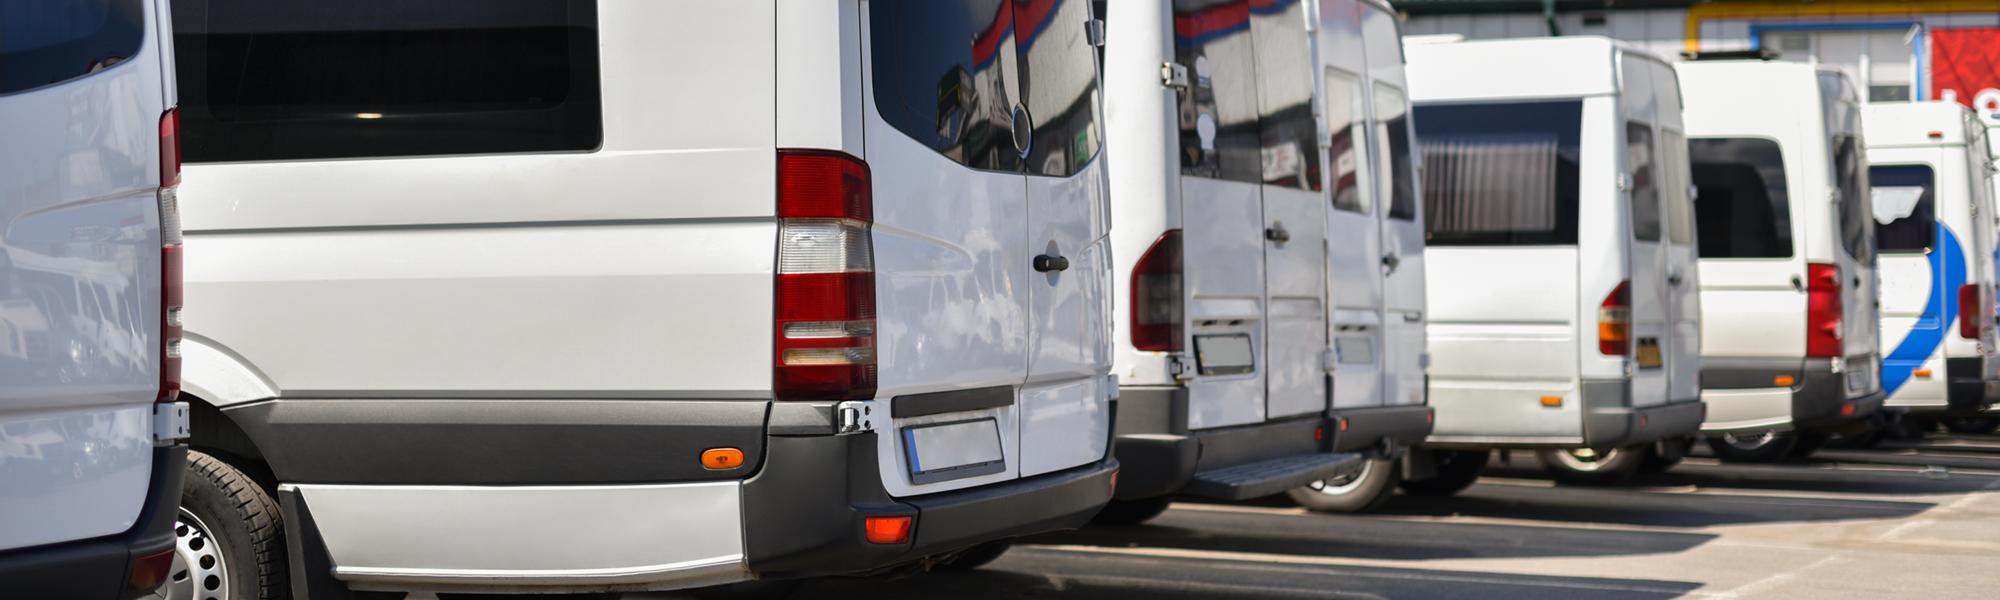 Bus Fleet 2